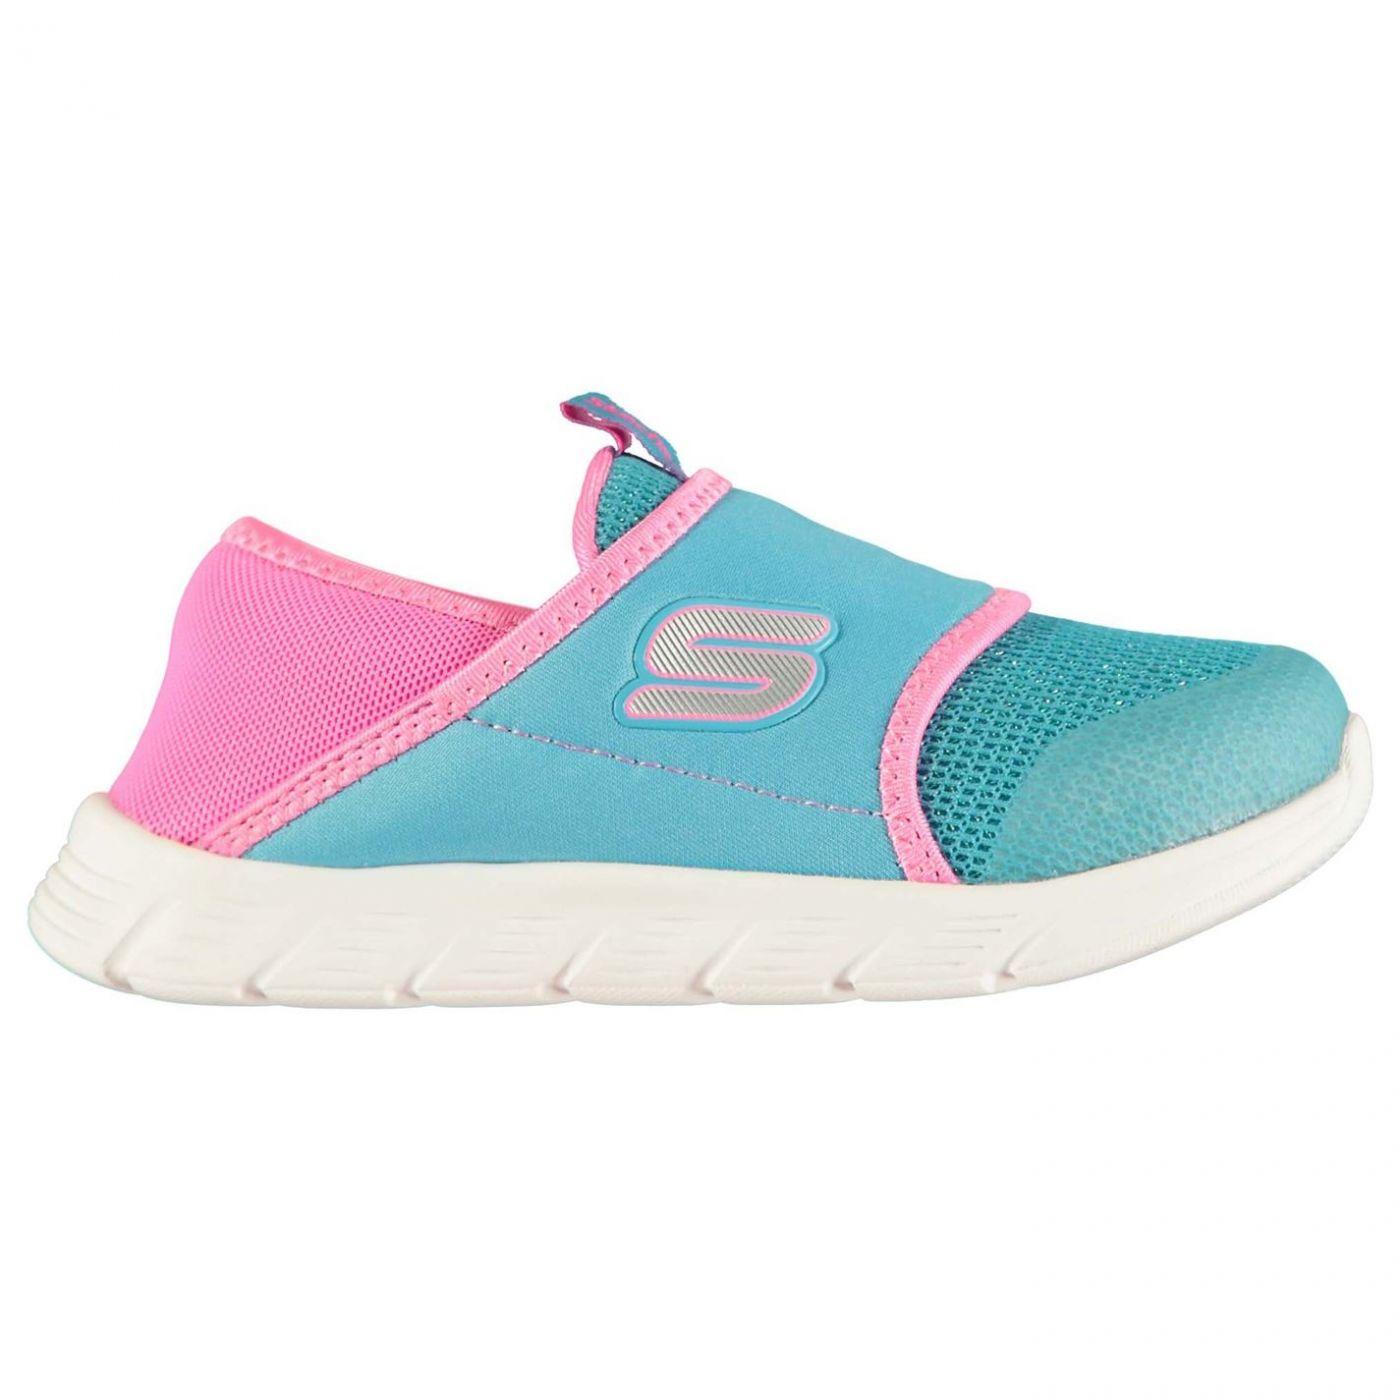 Skechers Comfy Flex Shoes Infant Girls